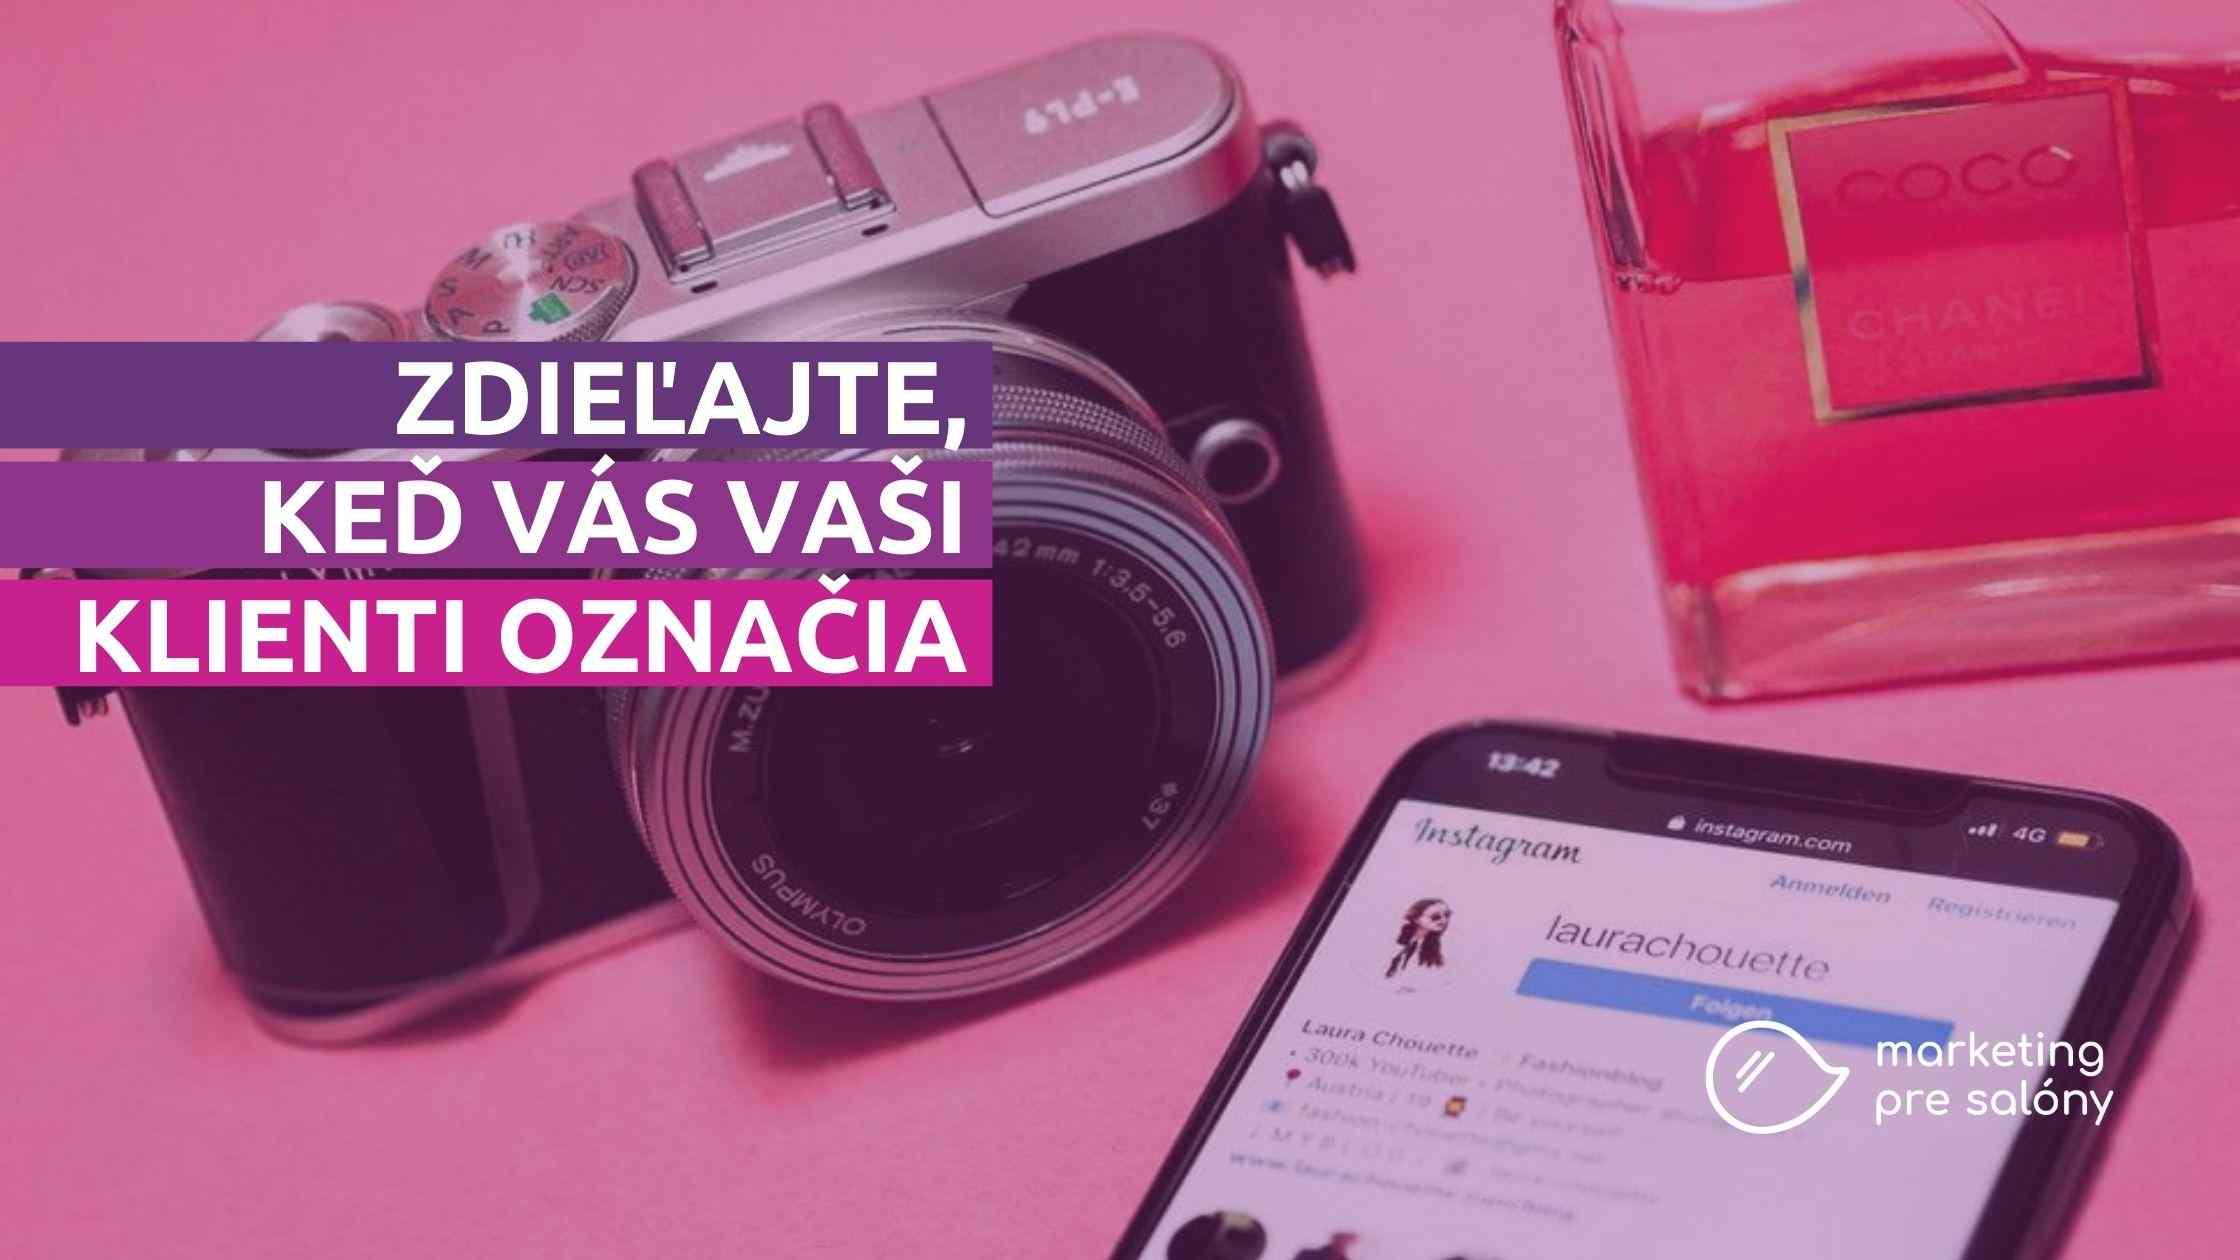 Ako zaujať s Instagram stories? Zdieľajte, keď vás klienti označia